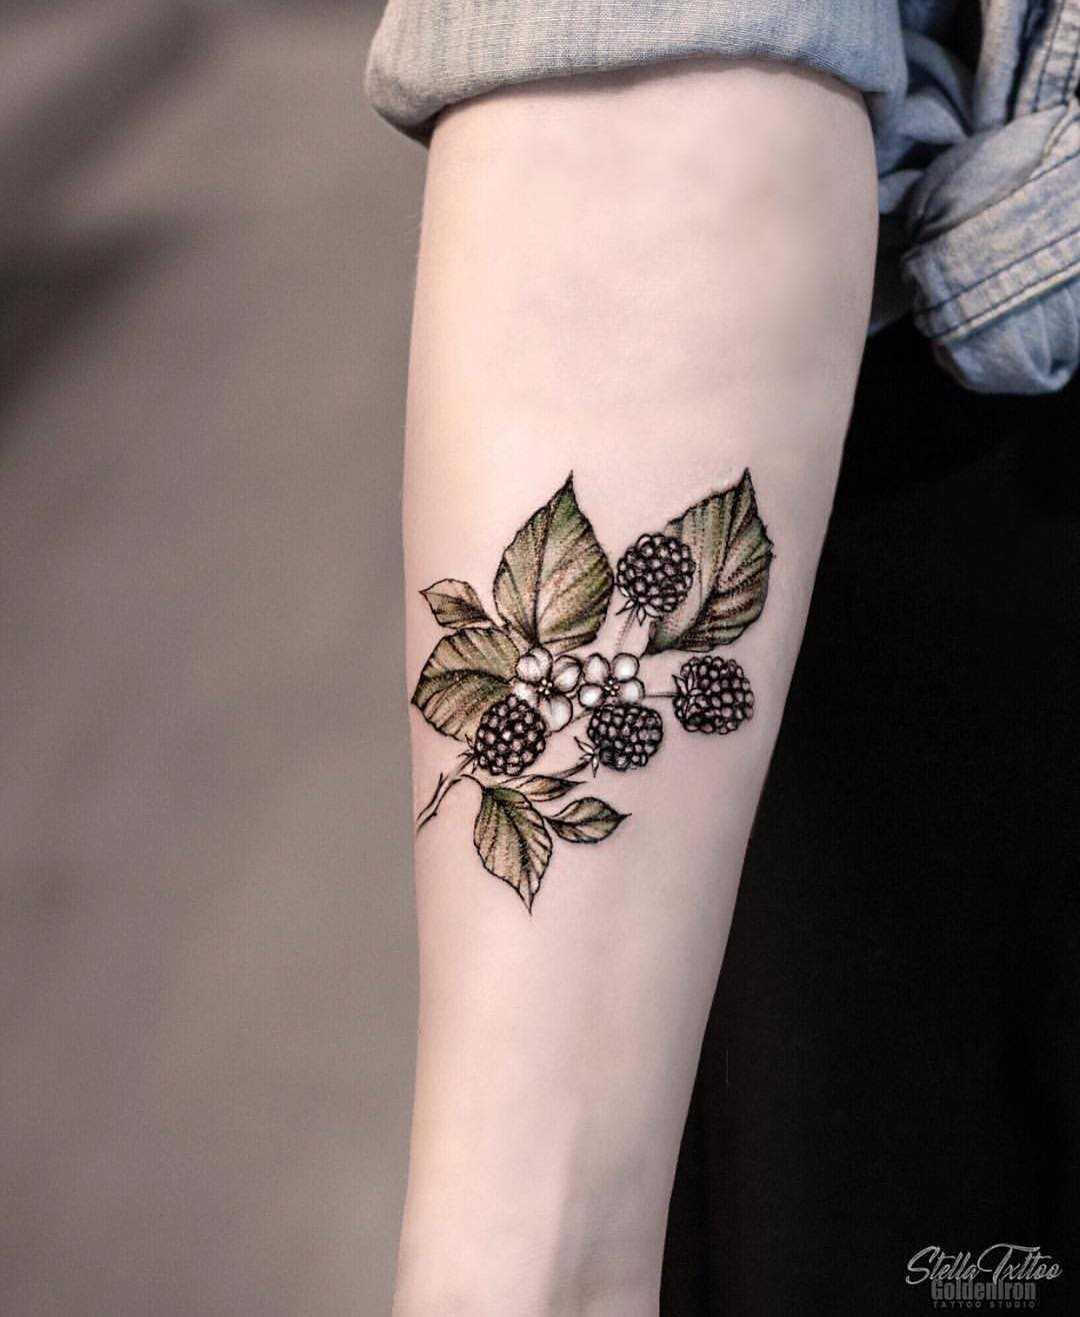 Berries tattoo by stella